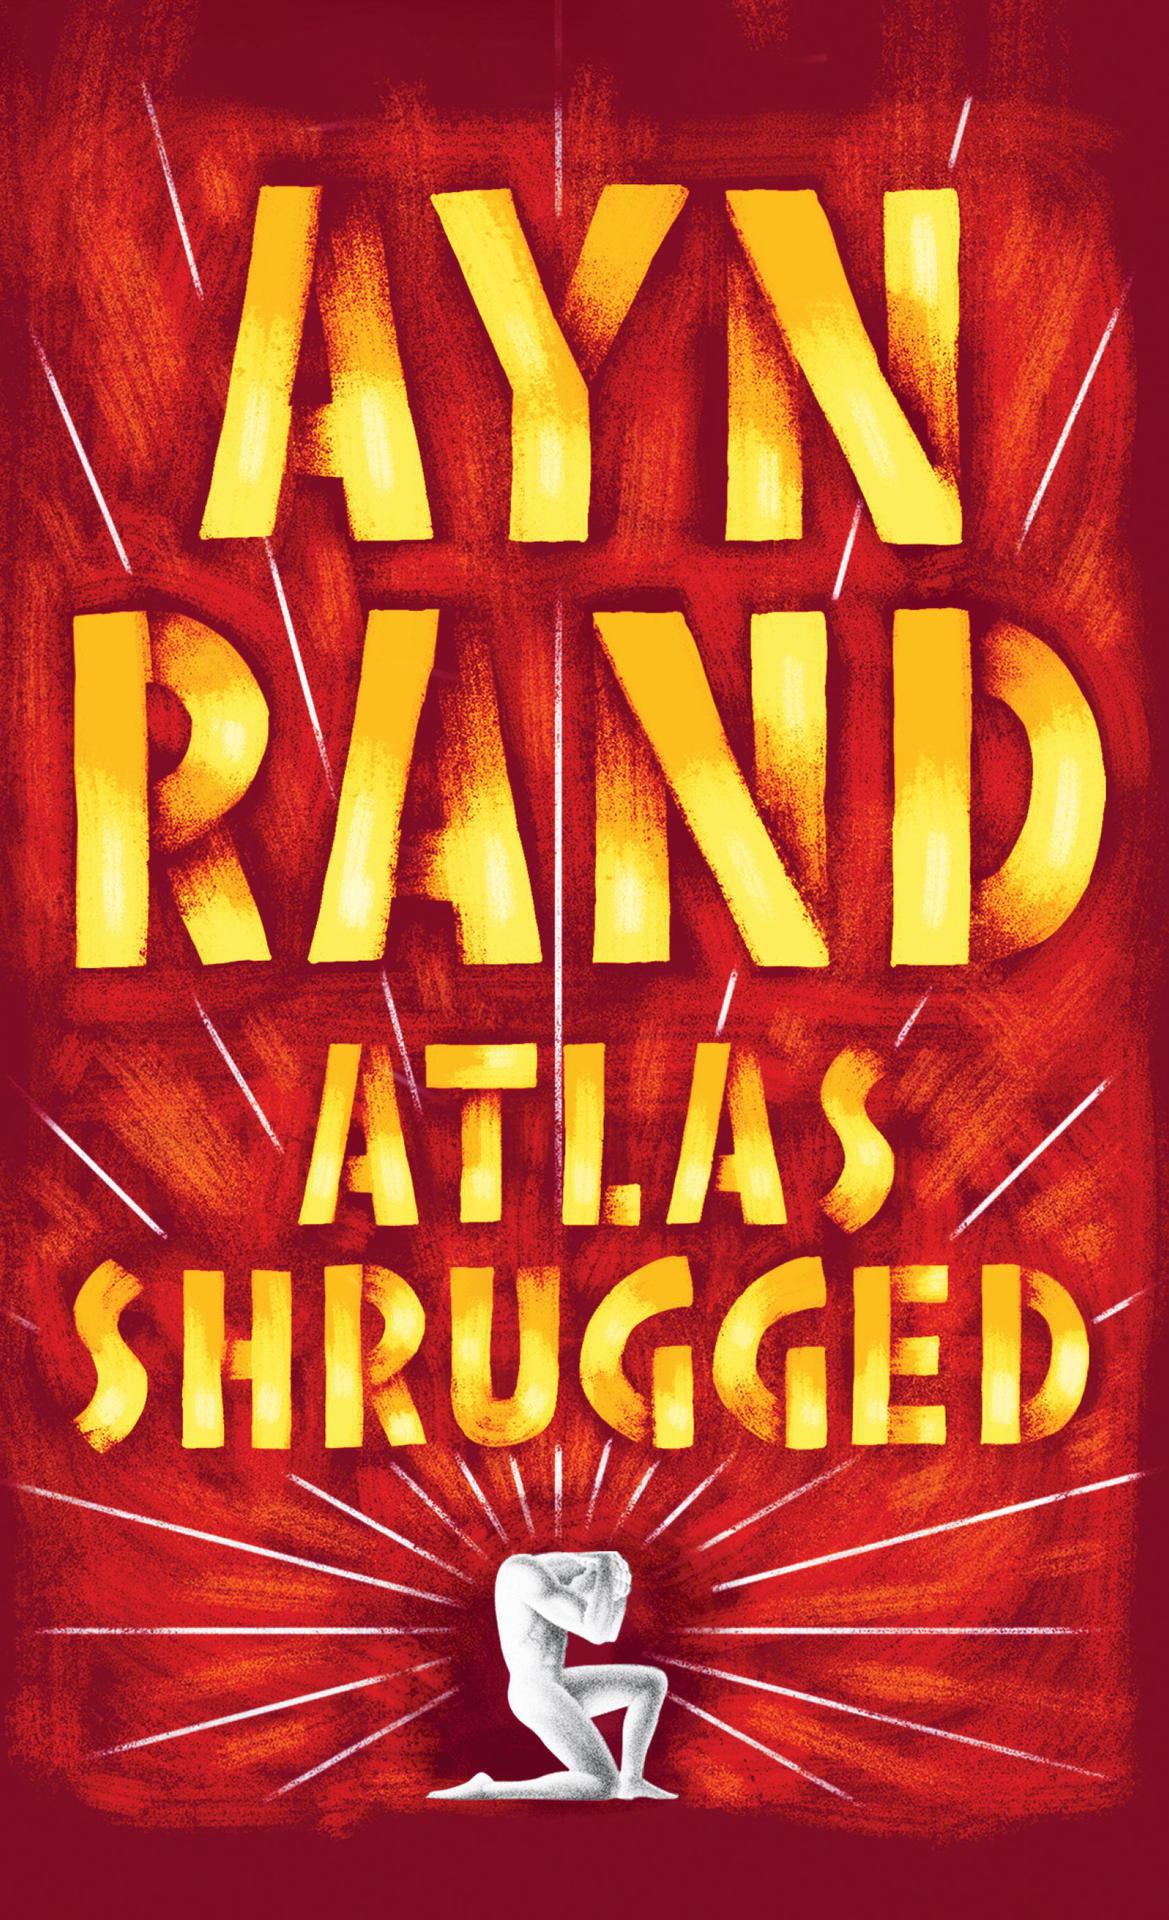 Ayn Rand(2005)『Atlas Shrugged』Signet